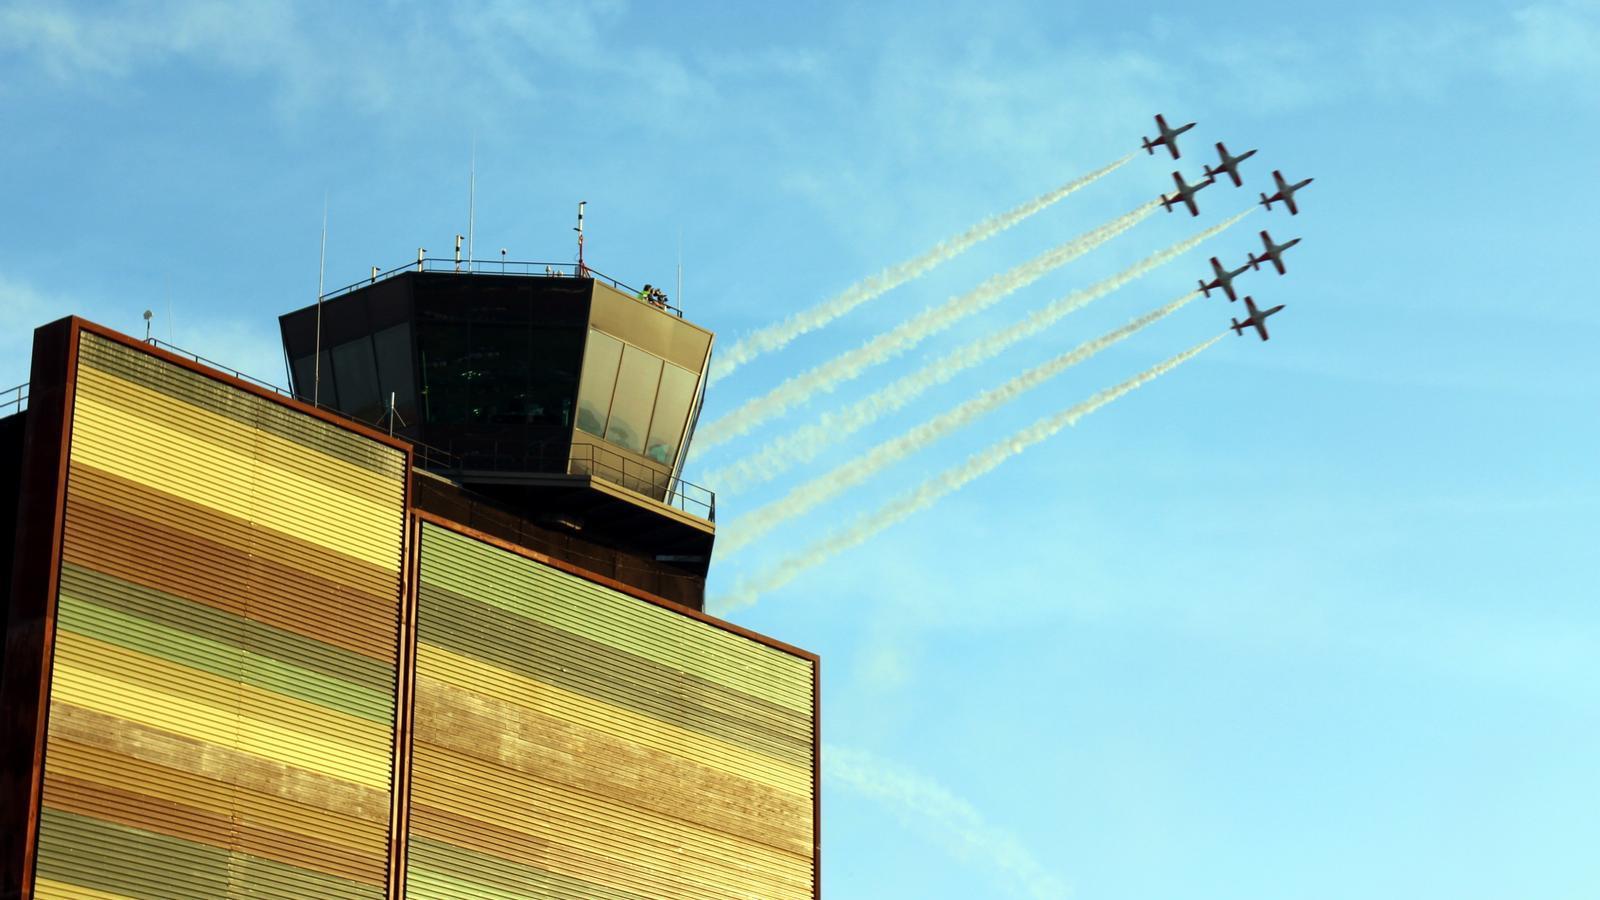 Una patrulla acrobàtica d'avions sobrevola l'aeroport d'Alguaire durant la Festa al Cel